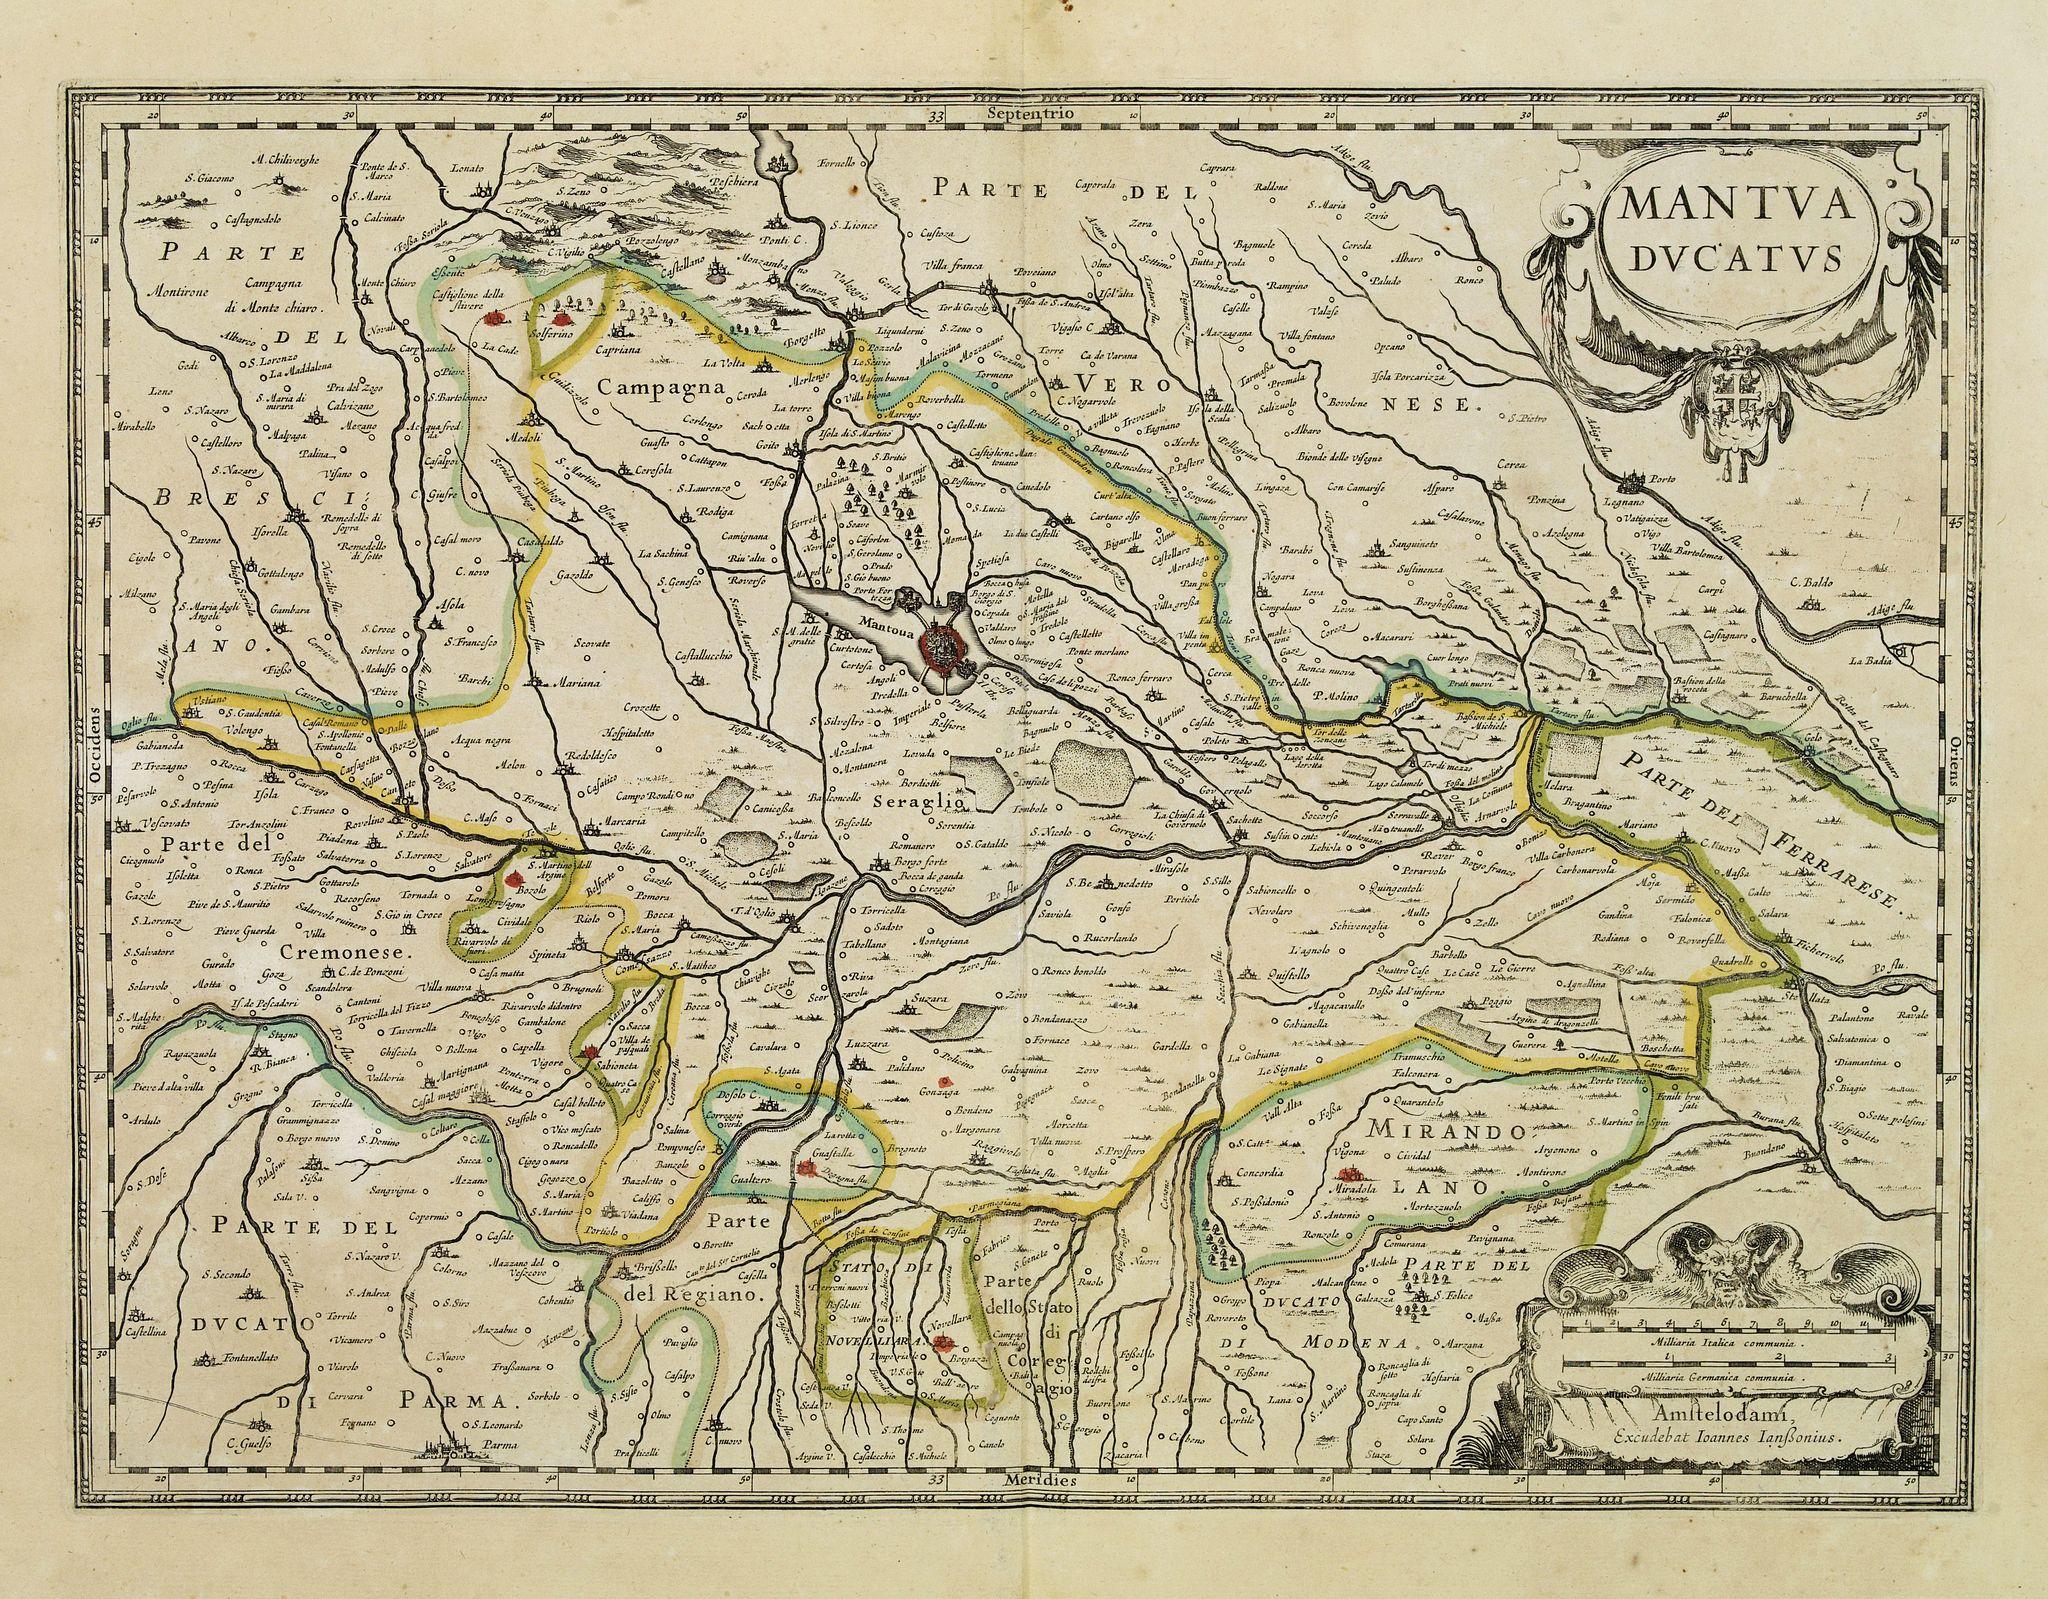 JANSSONIUS, J. -  Mantua ducatus.